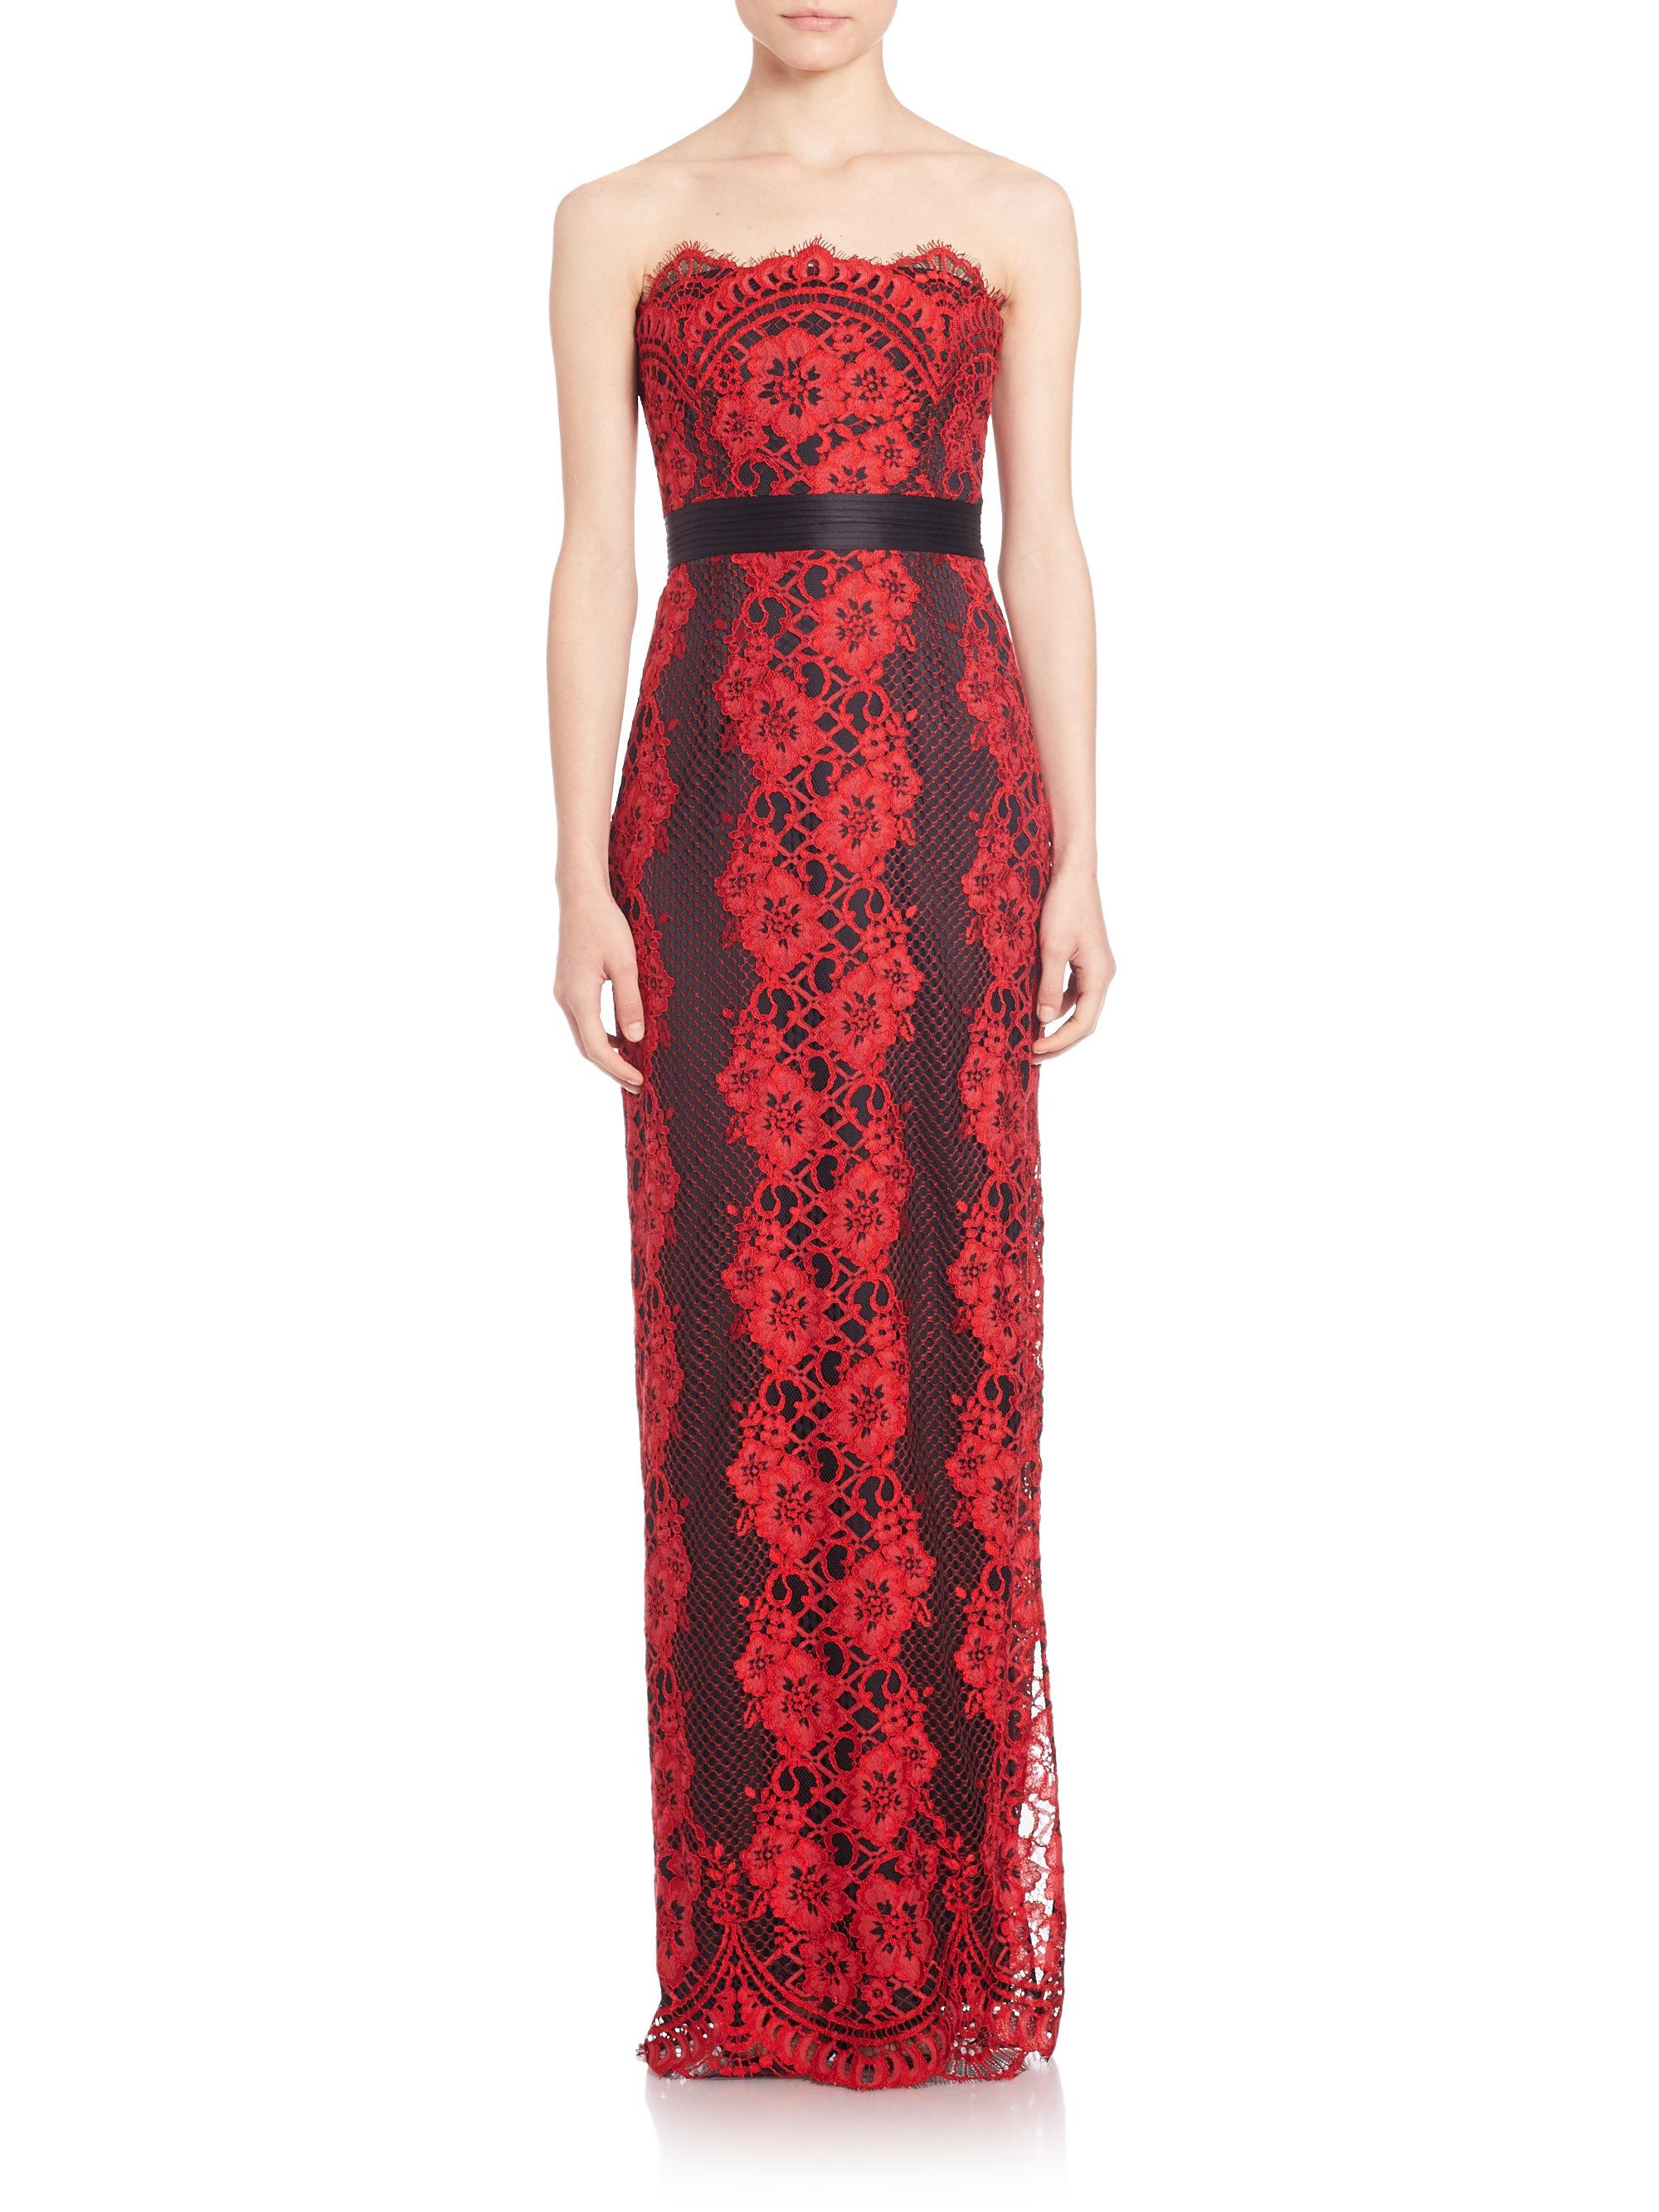 Platinum Lace Dresses